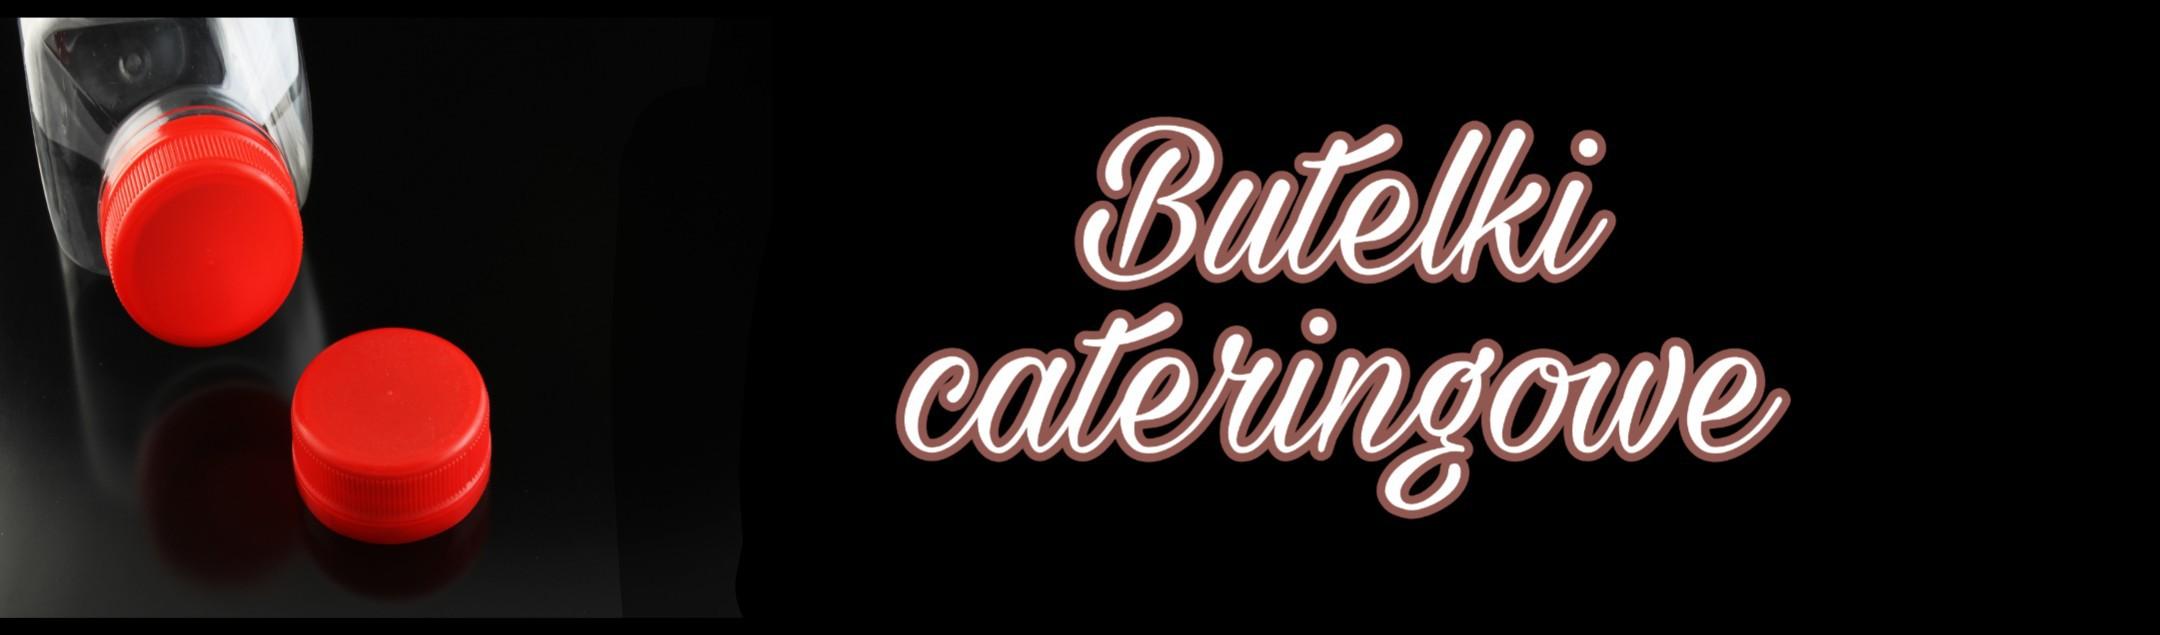 Butelki cateringowe doi soków, do napojów mlecznych. Idealne do cateringu dietetycznego oraz firm oferujących soki.